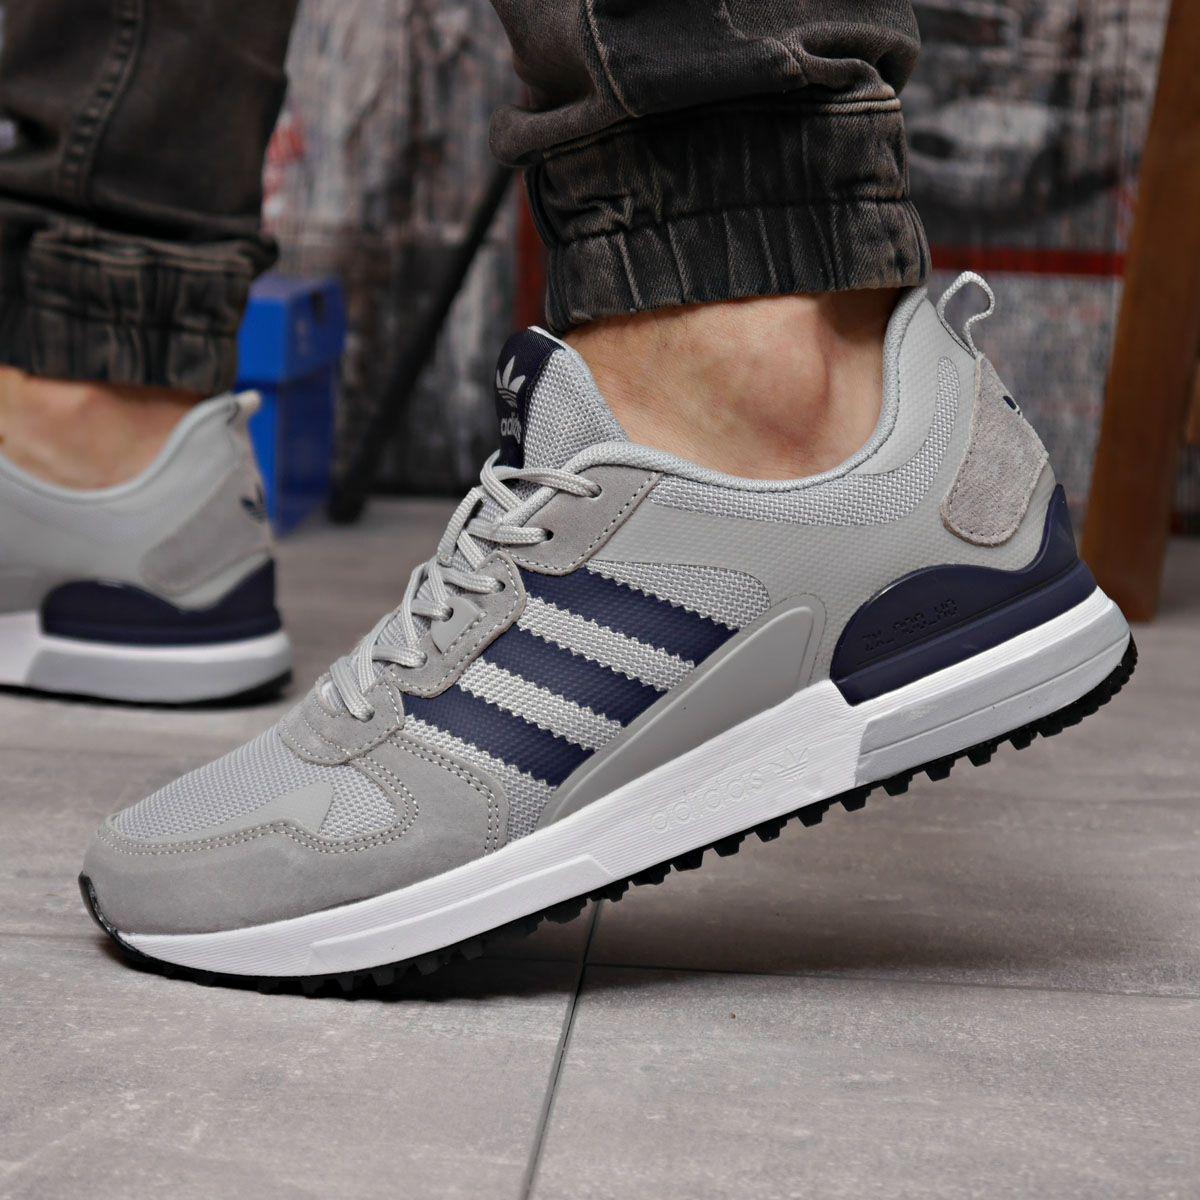 Кроссовки мужские 18285, Adidas Zx 700 HO, серые, [ 41 42 43 44 45 ] р. 41-26,0см.